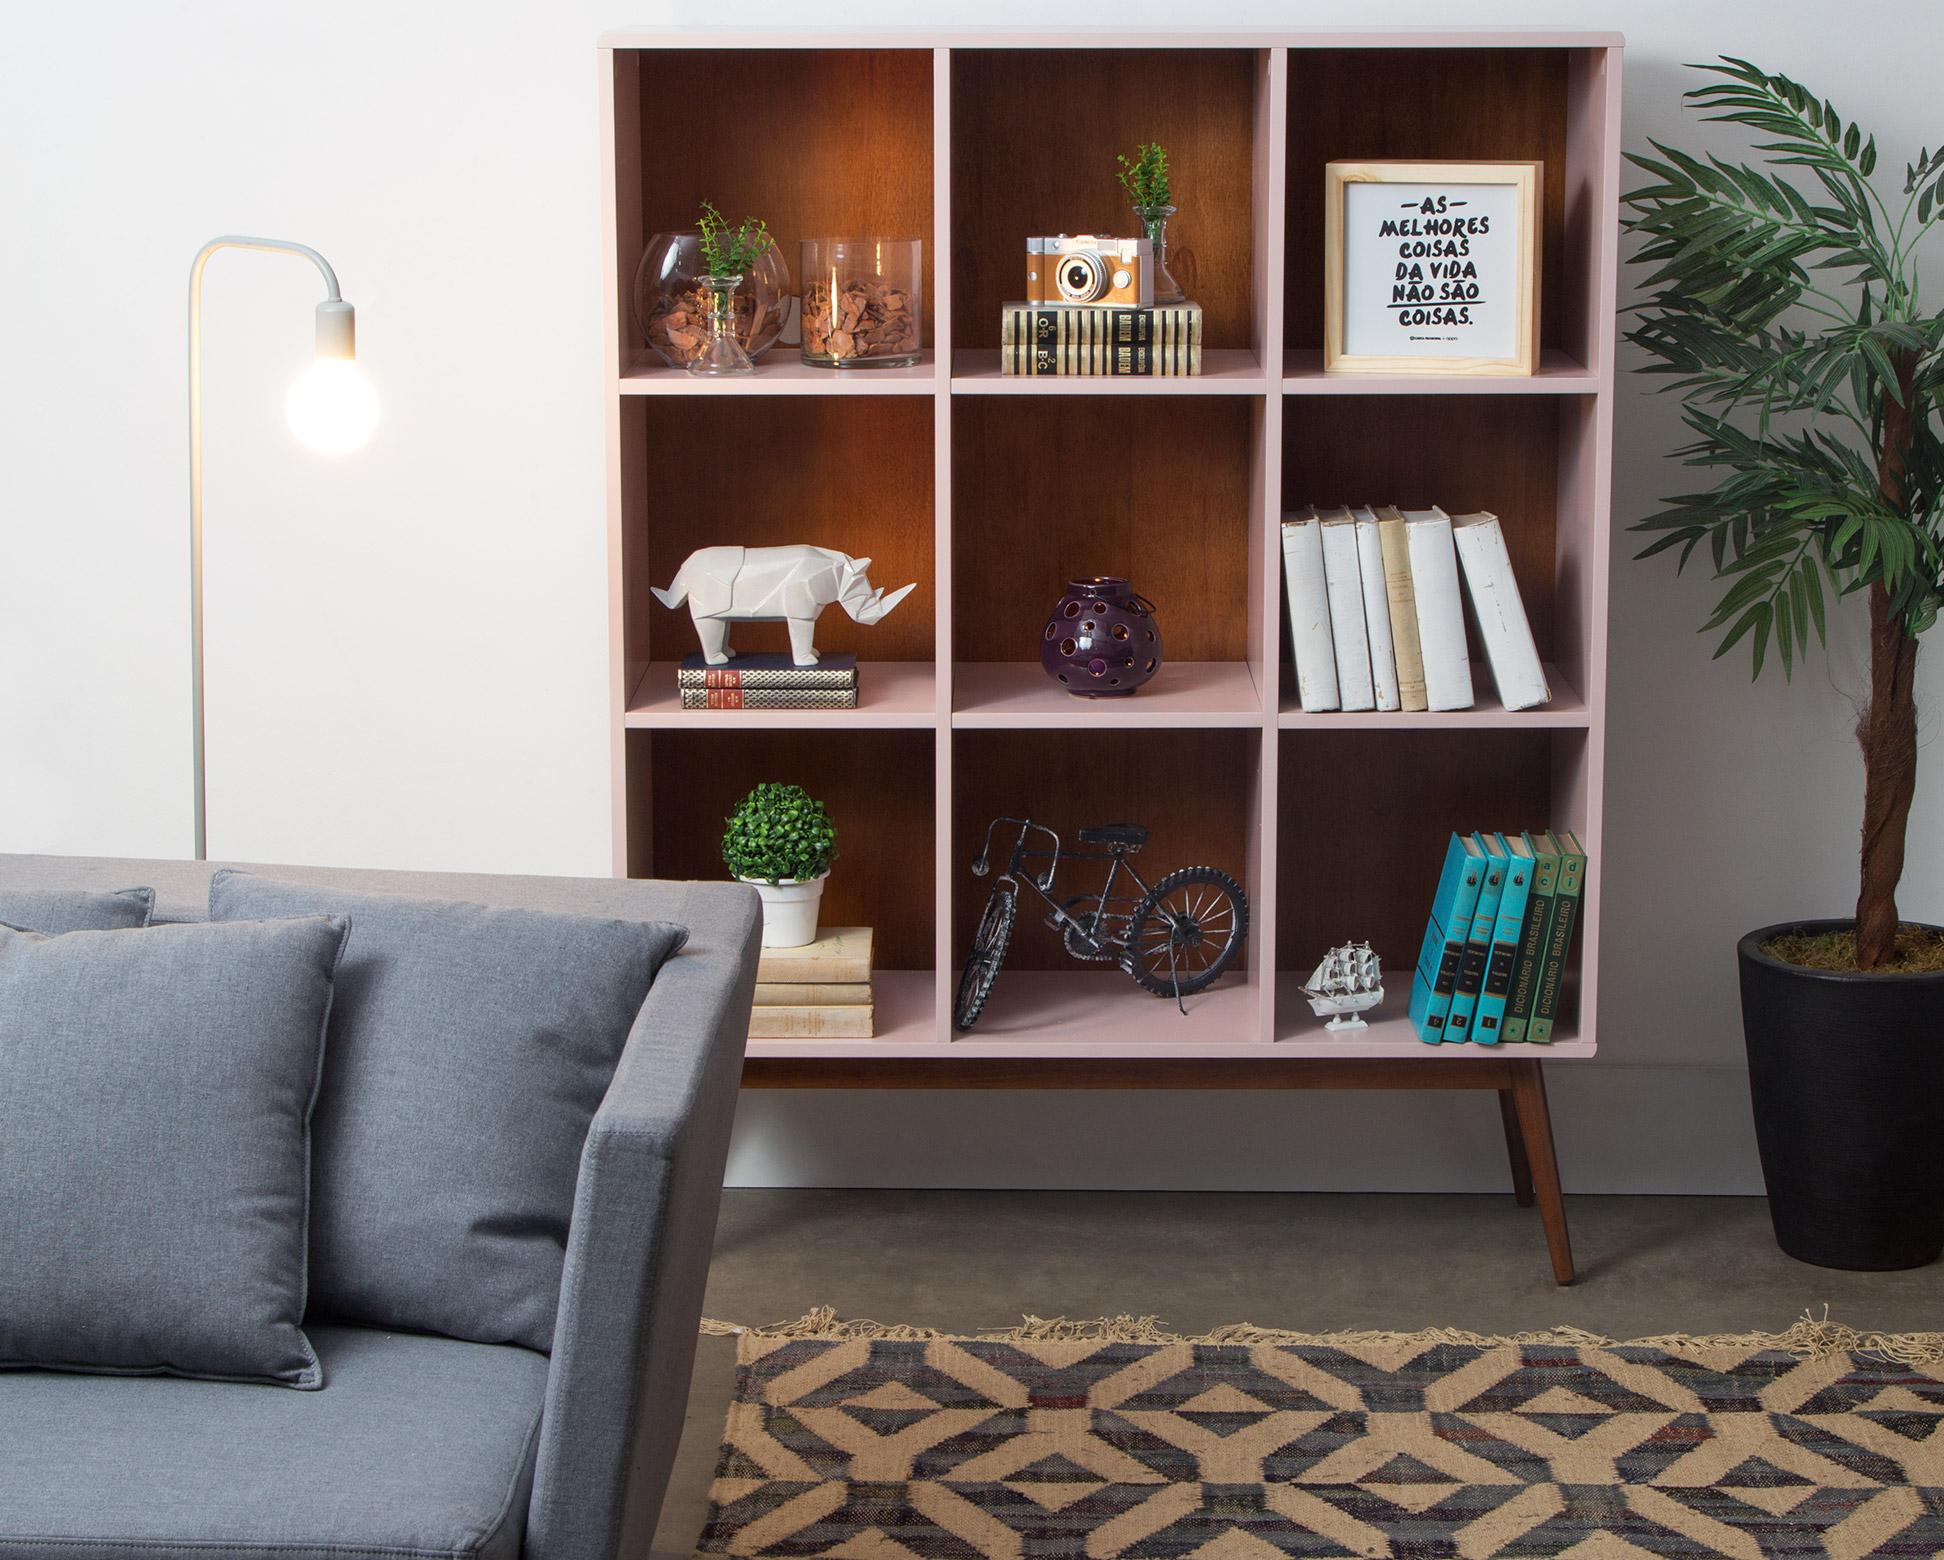 Home Office e Quarto de visitas - Ambiente integrado.   Estante Biscoito Fino Rosa.